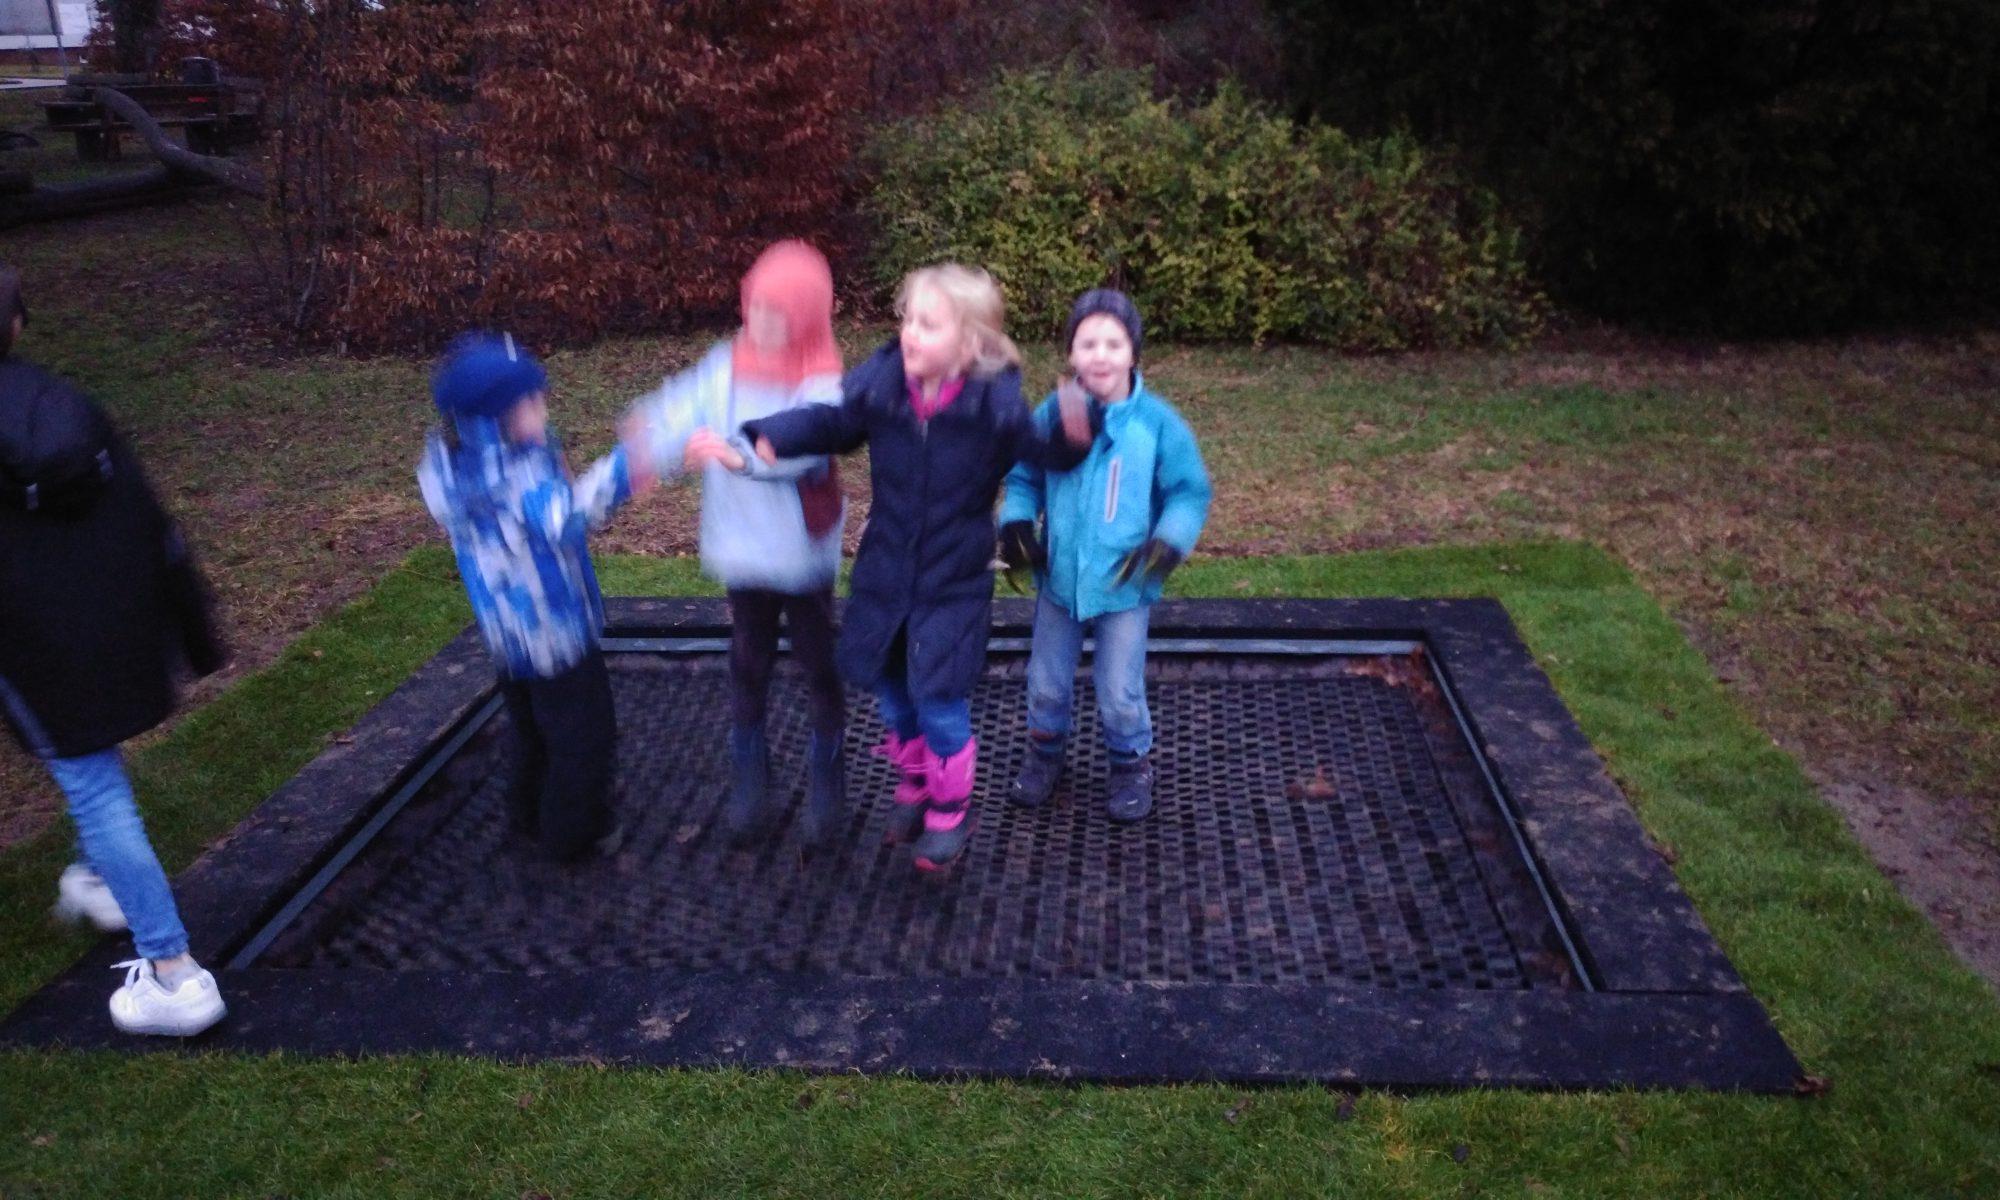 Begeistert springen die Kinder auf dem neuen Trampolin